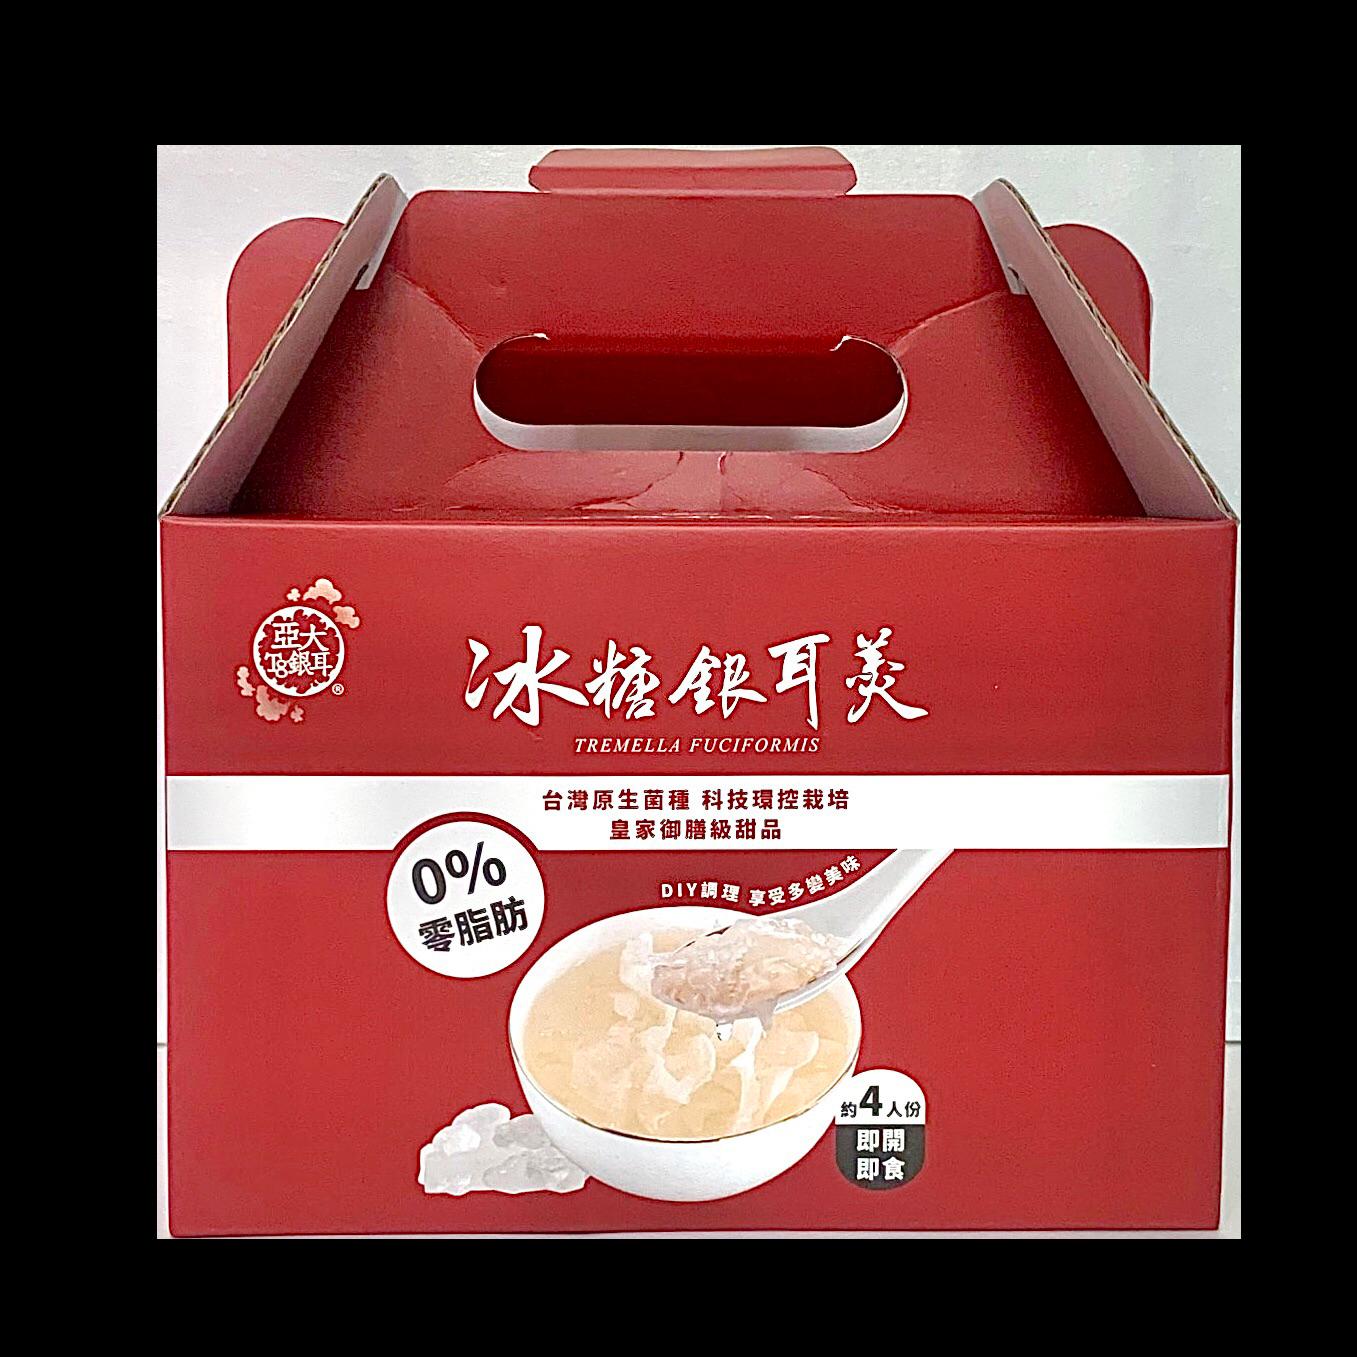 《亞大T8銀耳》亞大T8銀耳羹6入禮盒 (6罐/盒)